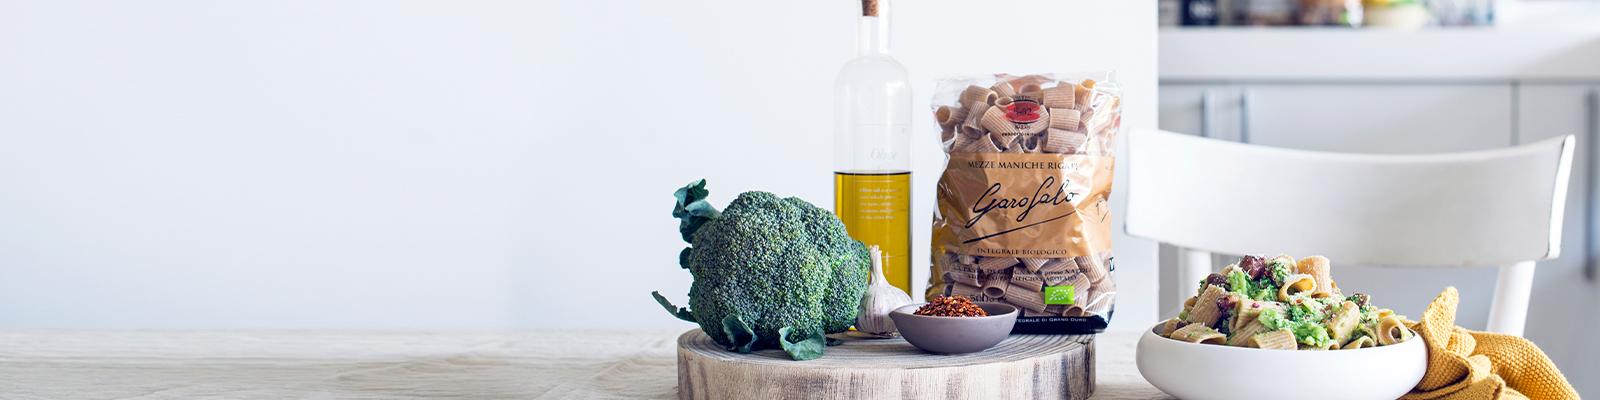 Pasta Garofalo - Sêmola de trigo duro orgânico integral